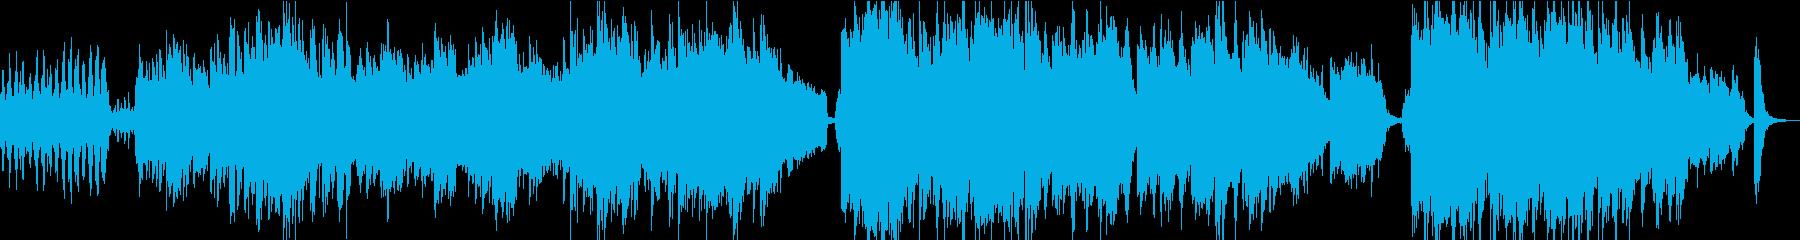 映像・予告編切なく壮大オーケストラBGMの再生済みの波形